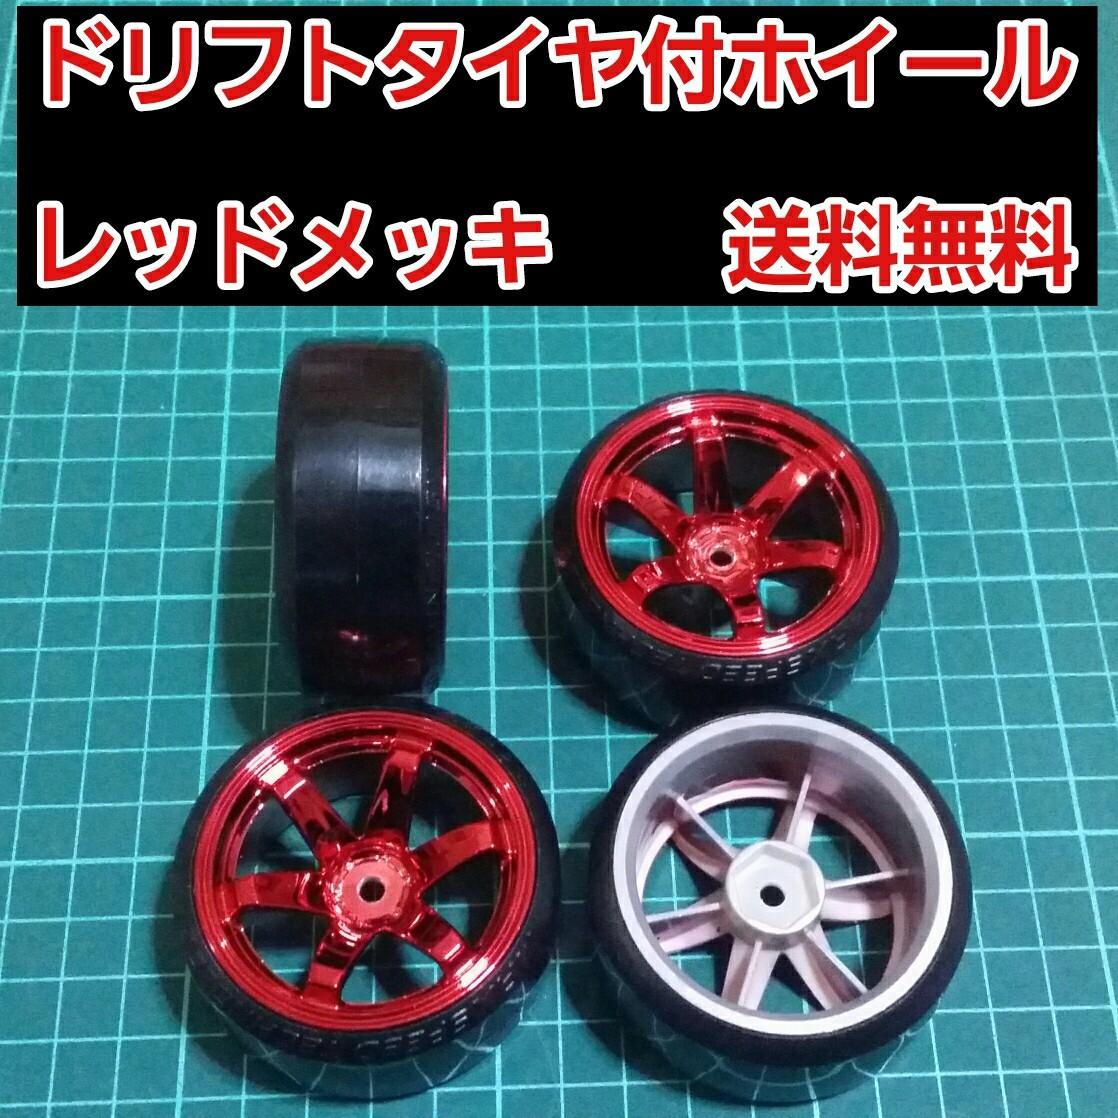 ドリフト タイヤ ホイール レッドメッキ ラジコン   TT01 TT02 ドリパケ YD-2 2駆 RWD ボディ 4駆 ヨコモ